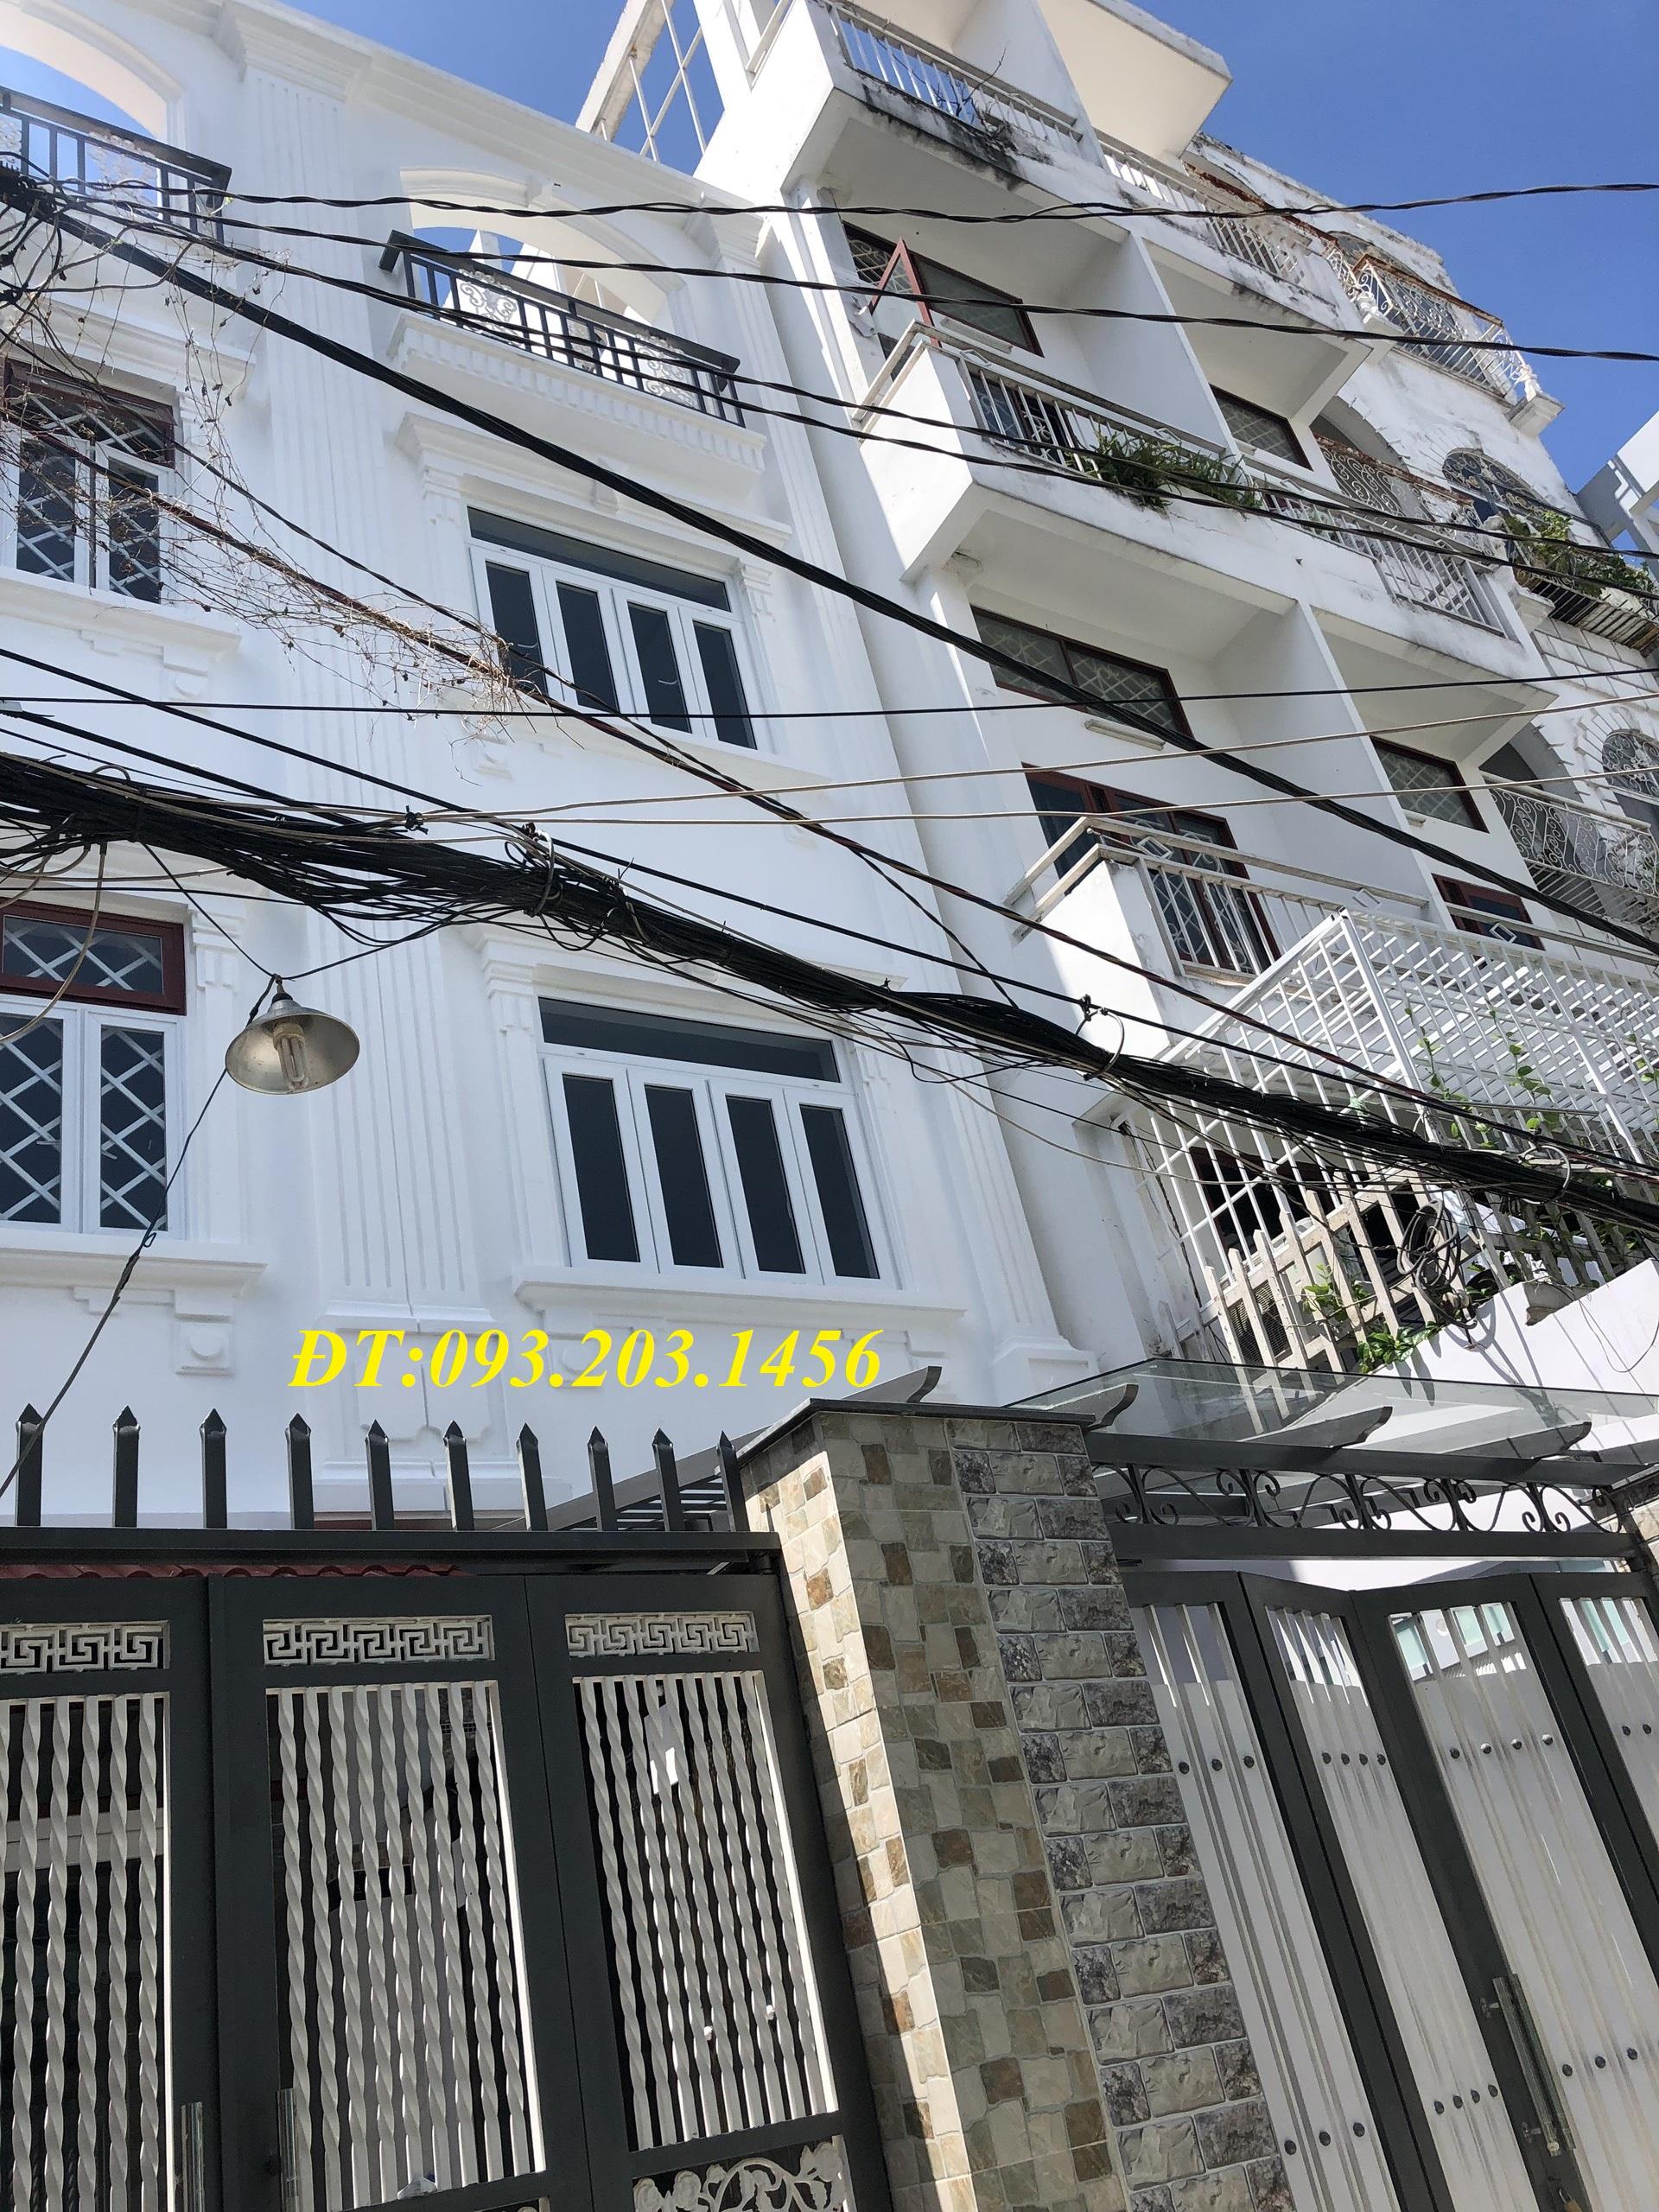 Bán nhà hẻm Xô Viết Nghệ Tĩnh, P26, Bình Thạnh, Dt 3,5x16, 3 lầu, 5pn,5wc